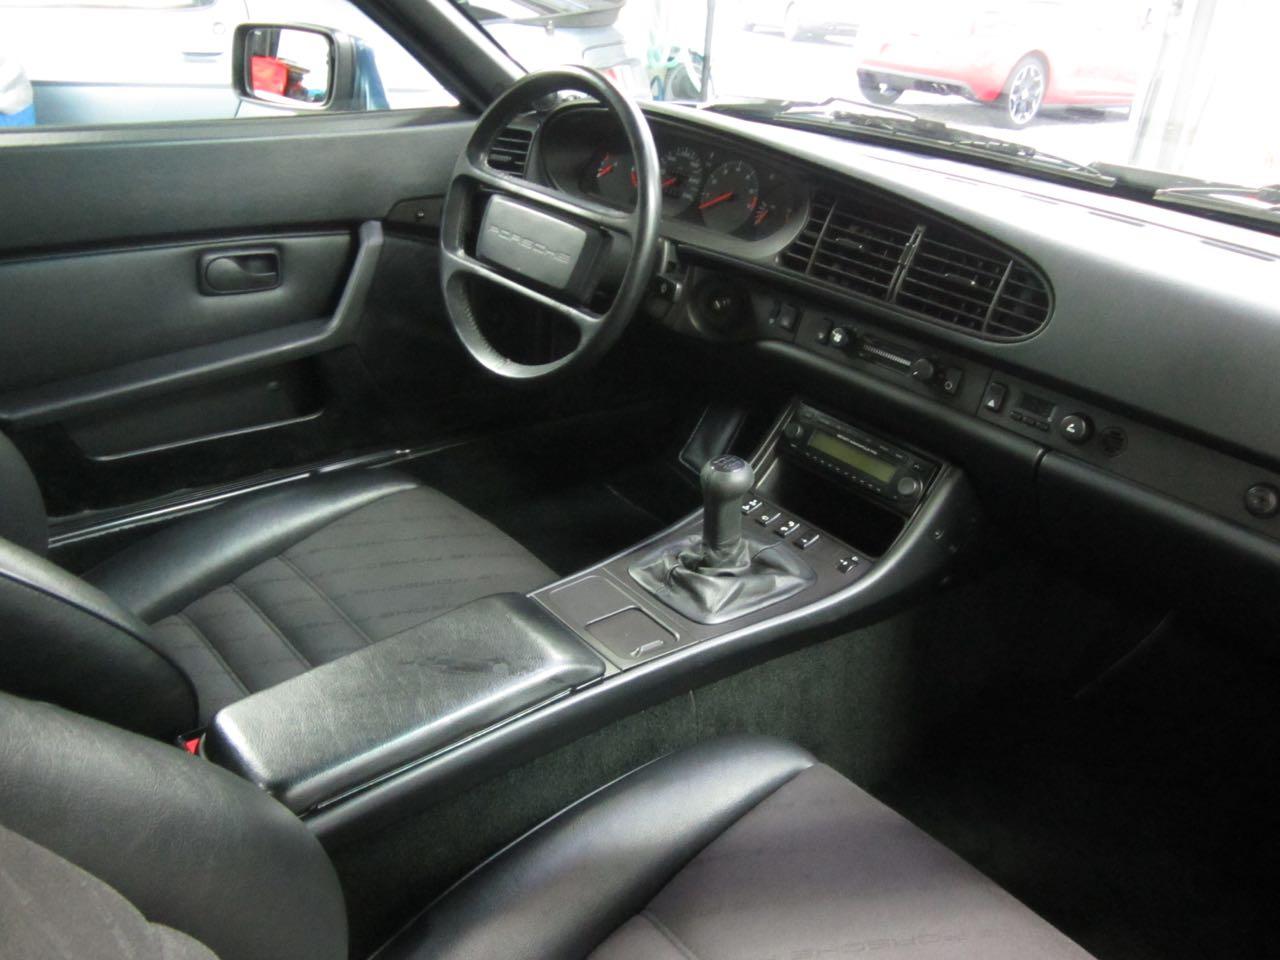 911-youngtimer-porsche-944-s2-dove-blue-metallic-1990-14-of-15